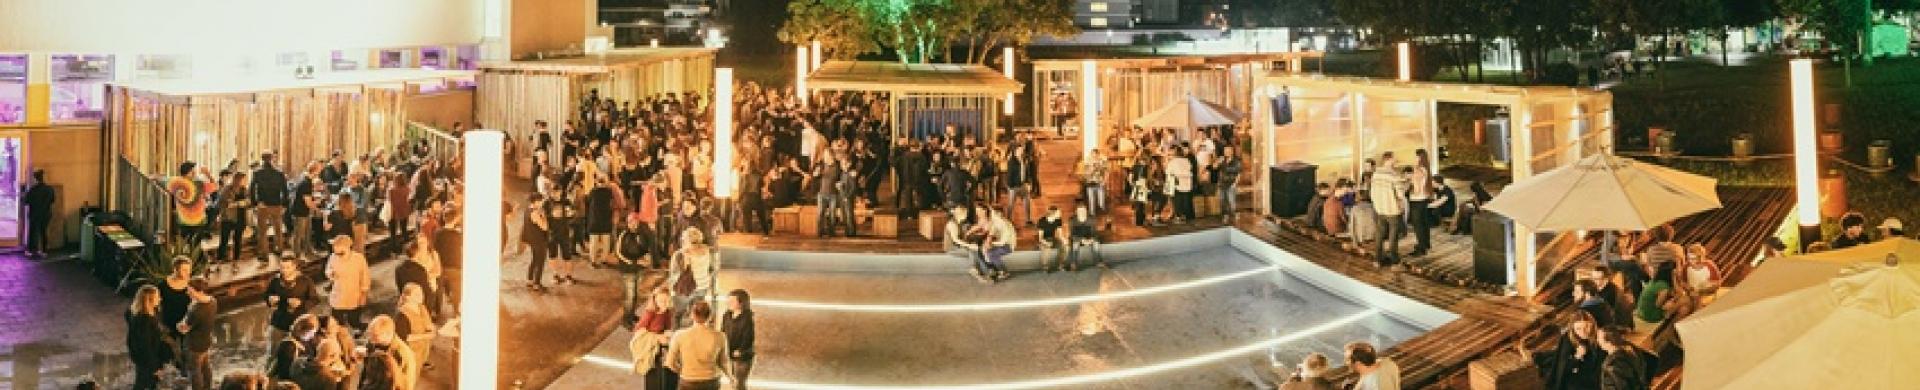 poolbar Festival (c) poolbar Festival / Matthias Rhomberg